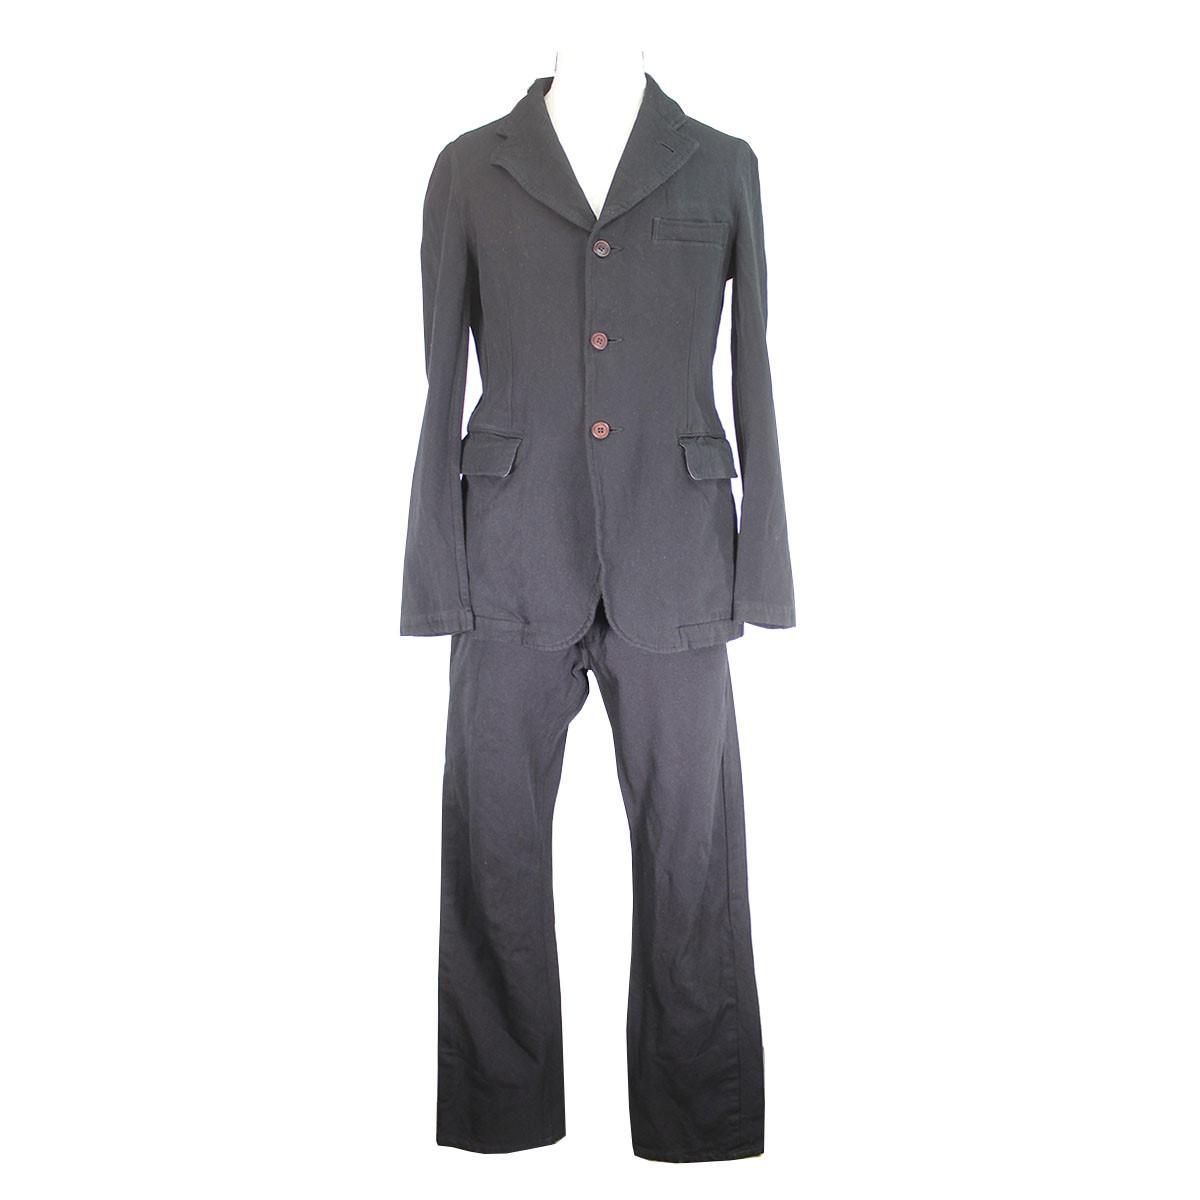 【中古】COMME des GARCONS HOMME PLUS 製品染めセットアップスーツ ピンクパンサー期 ブラック サイズ:S/S 【130420】(コムデギャルソンオムプリュス)